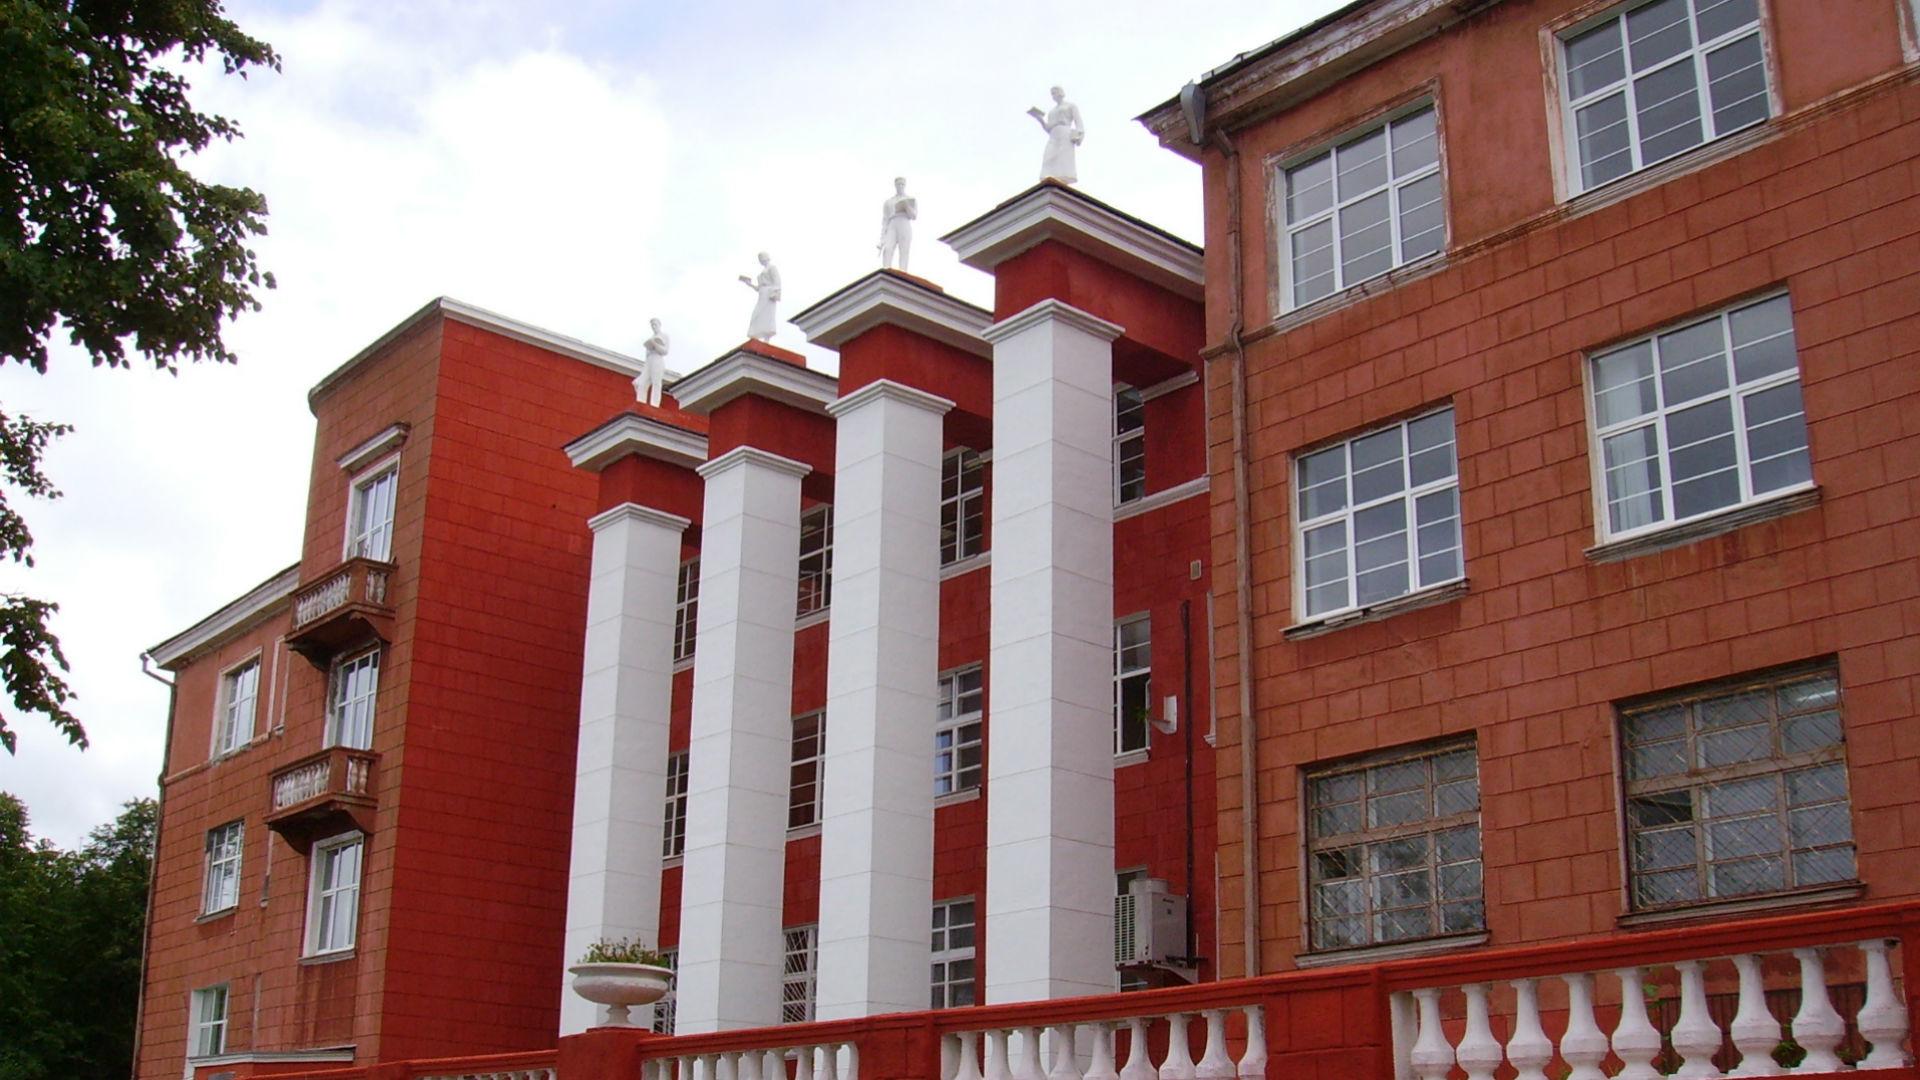 Живем и работаем не в столицах: рынок разработки программного обеспечения в Нижнем Новгороде - 7